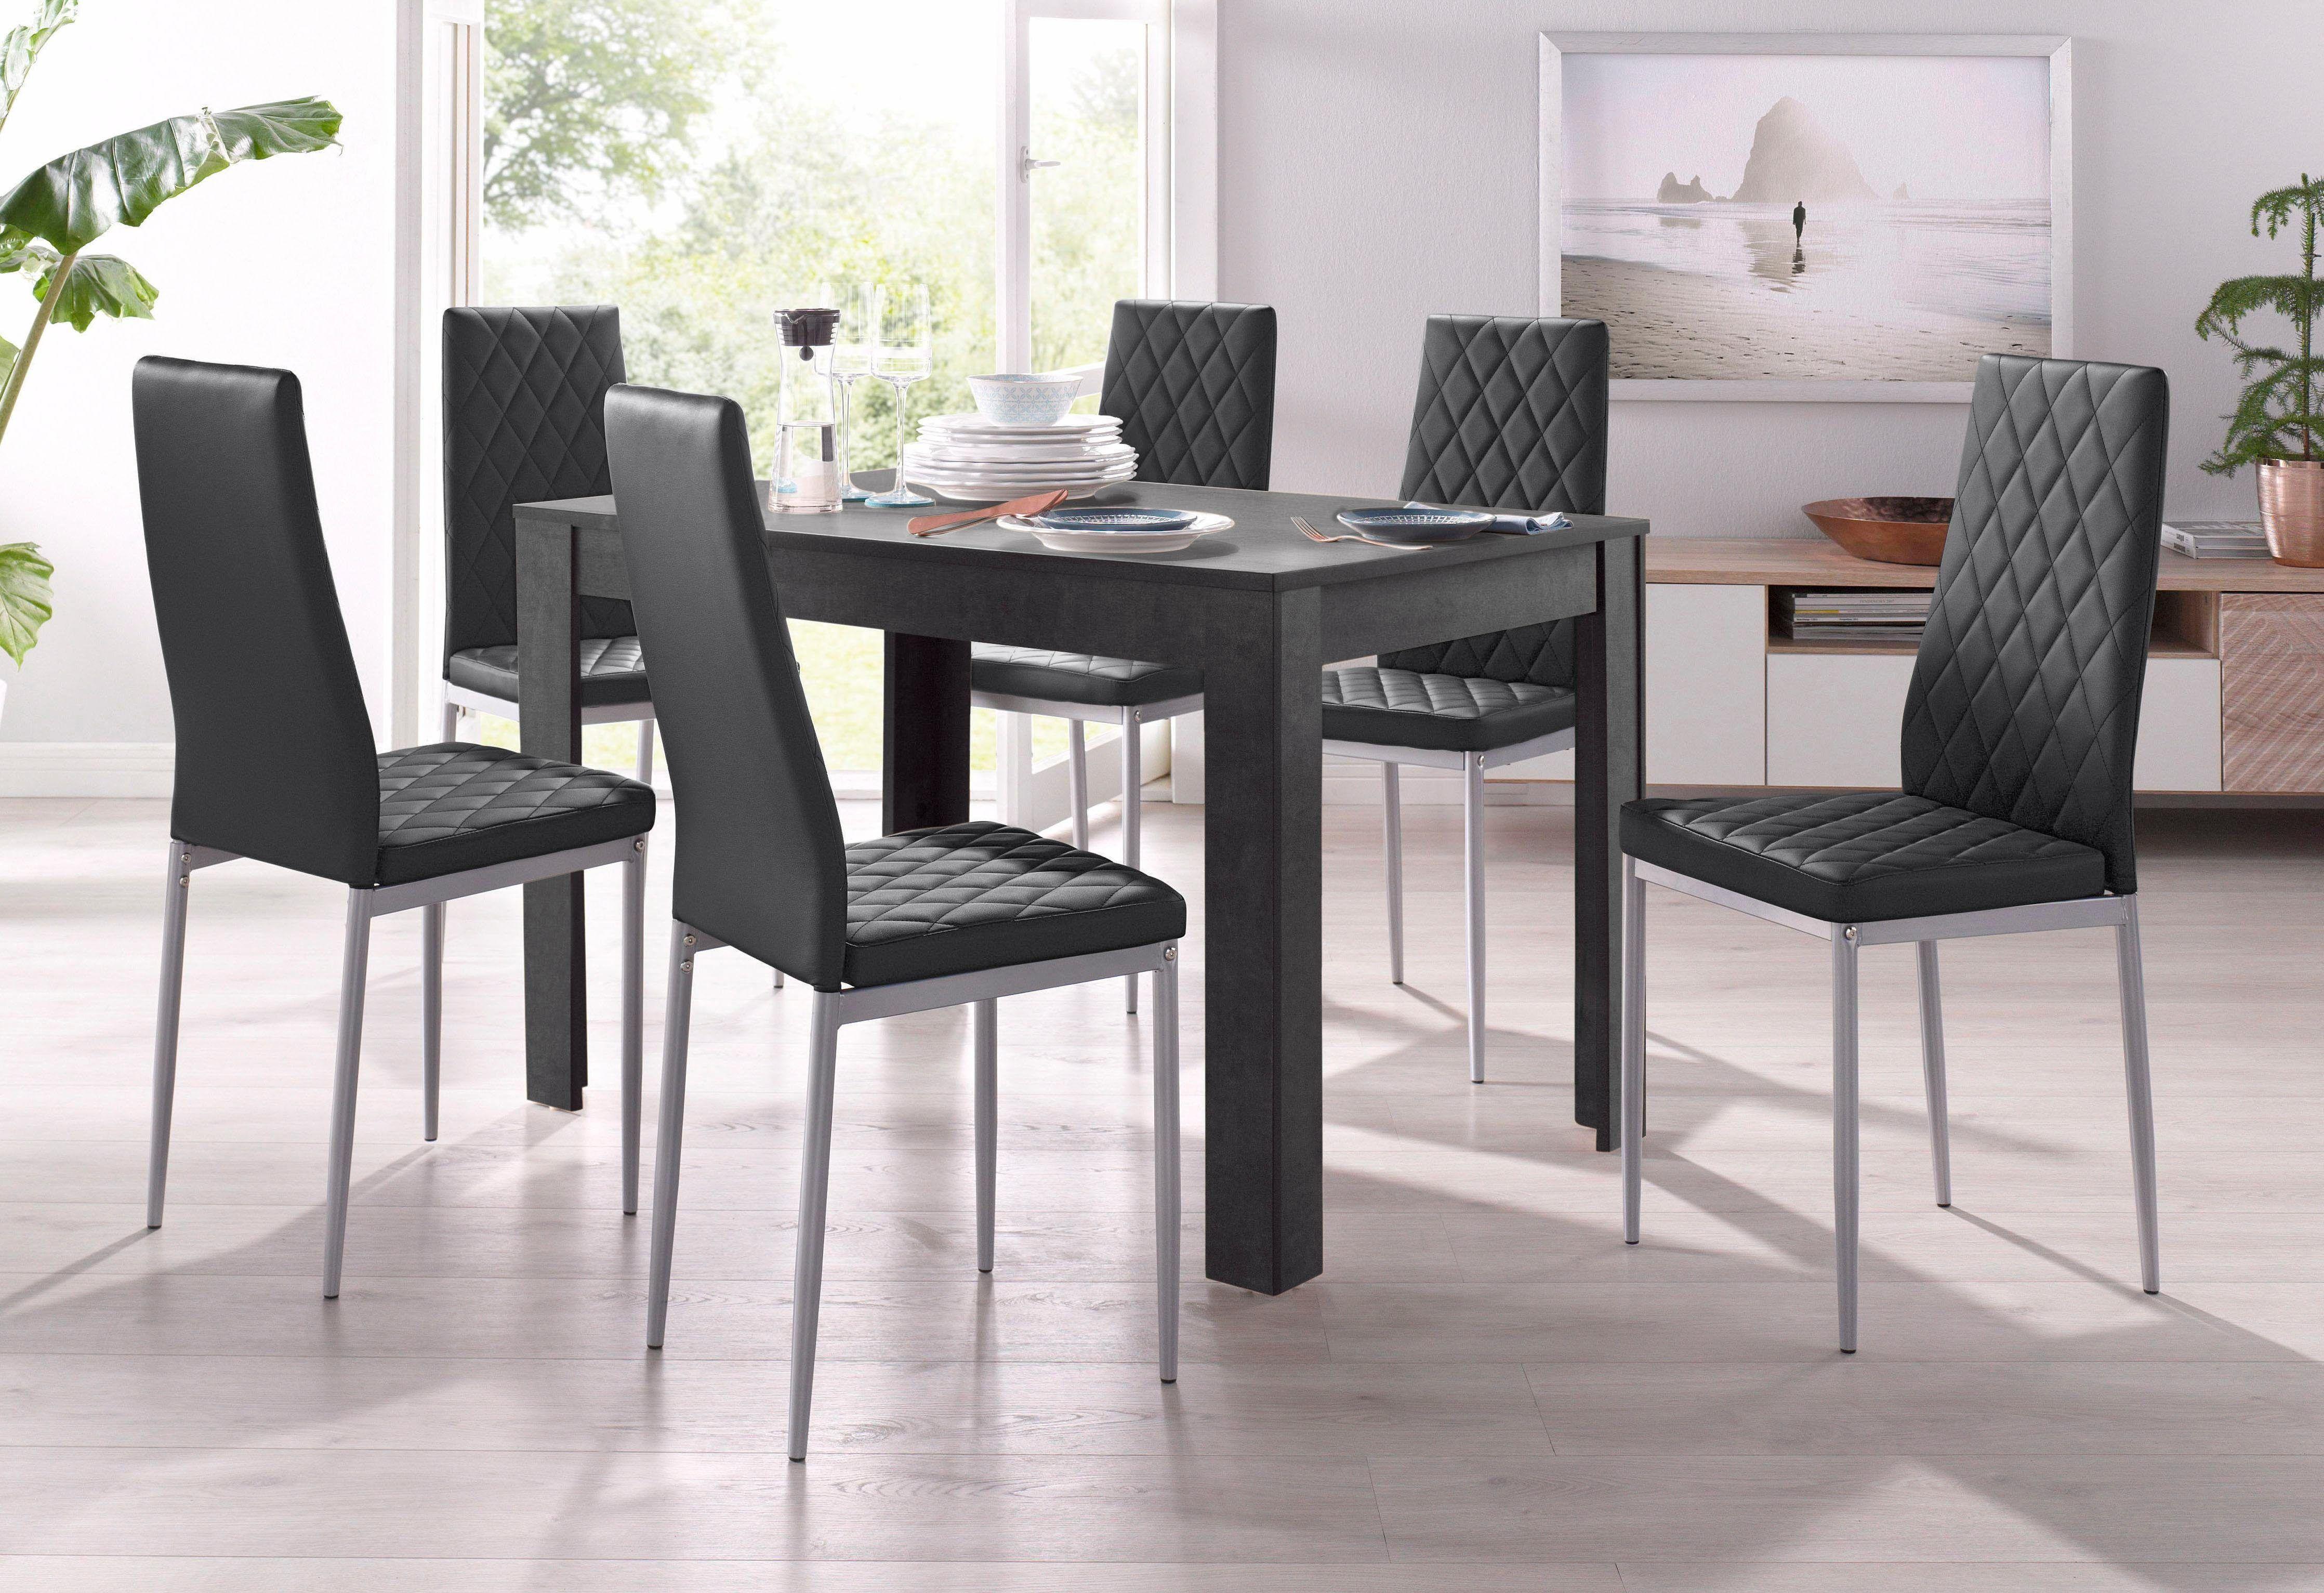 Runder Kuchentisch Und Stuhle Fur Moderne Hauser Kuche Table